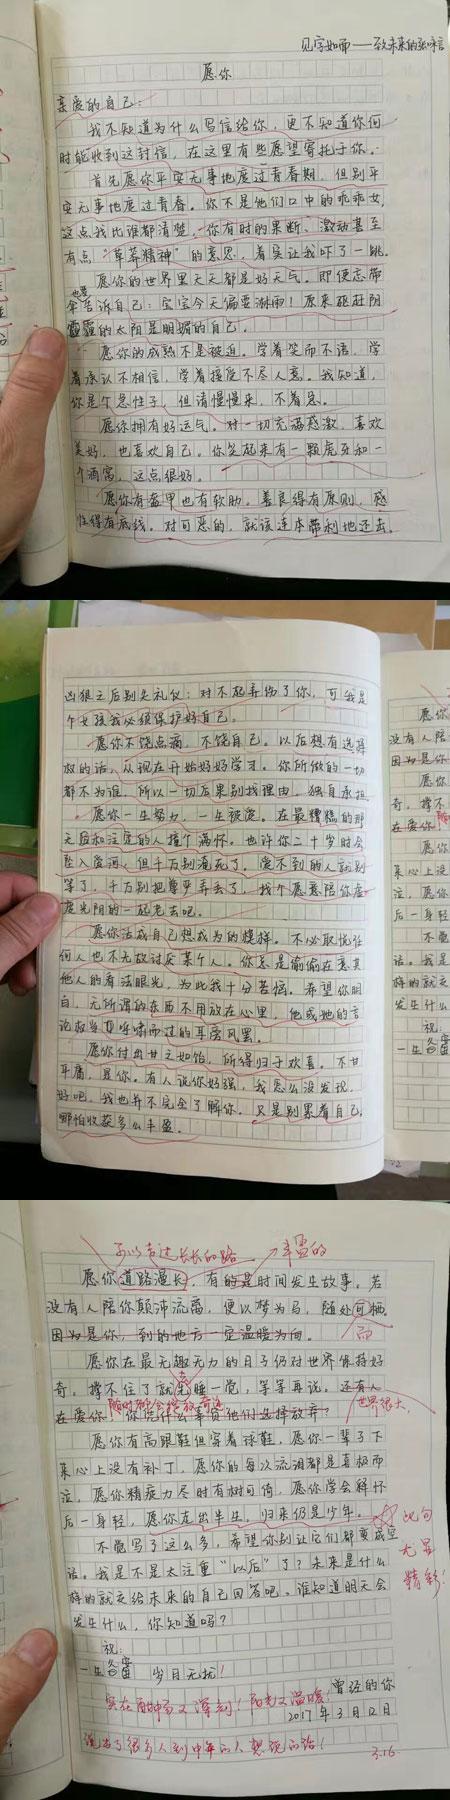 初二女生作文《愿你》走红 网友质疑网络小说看多了